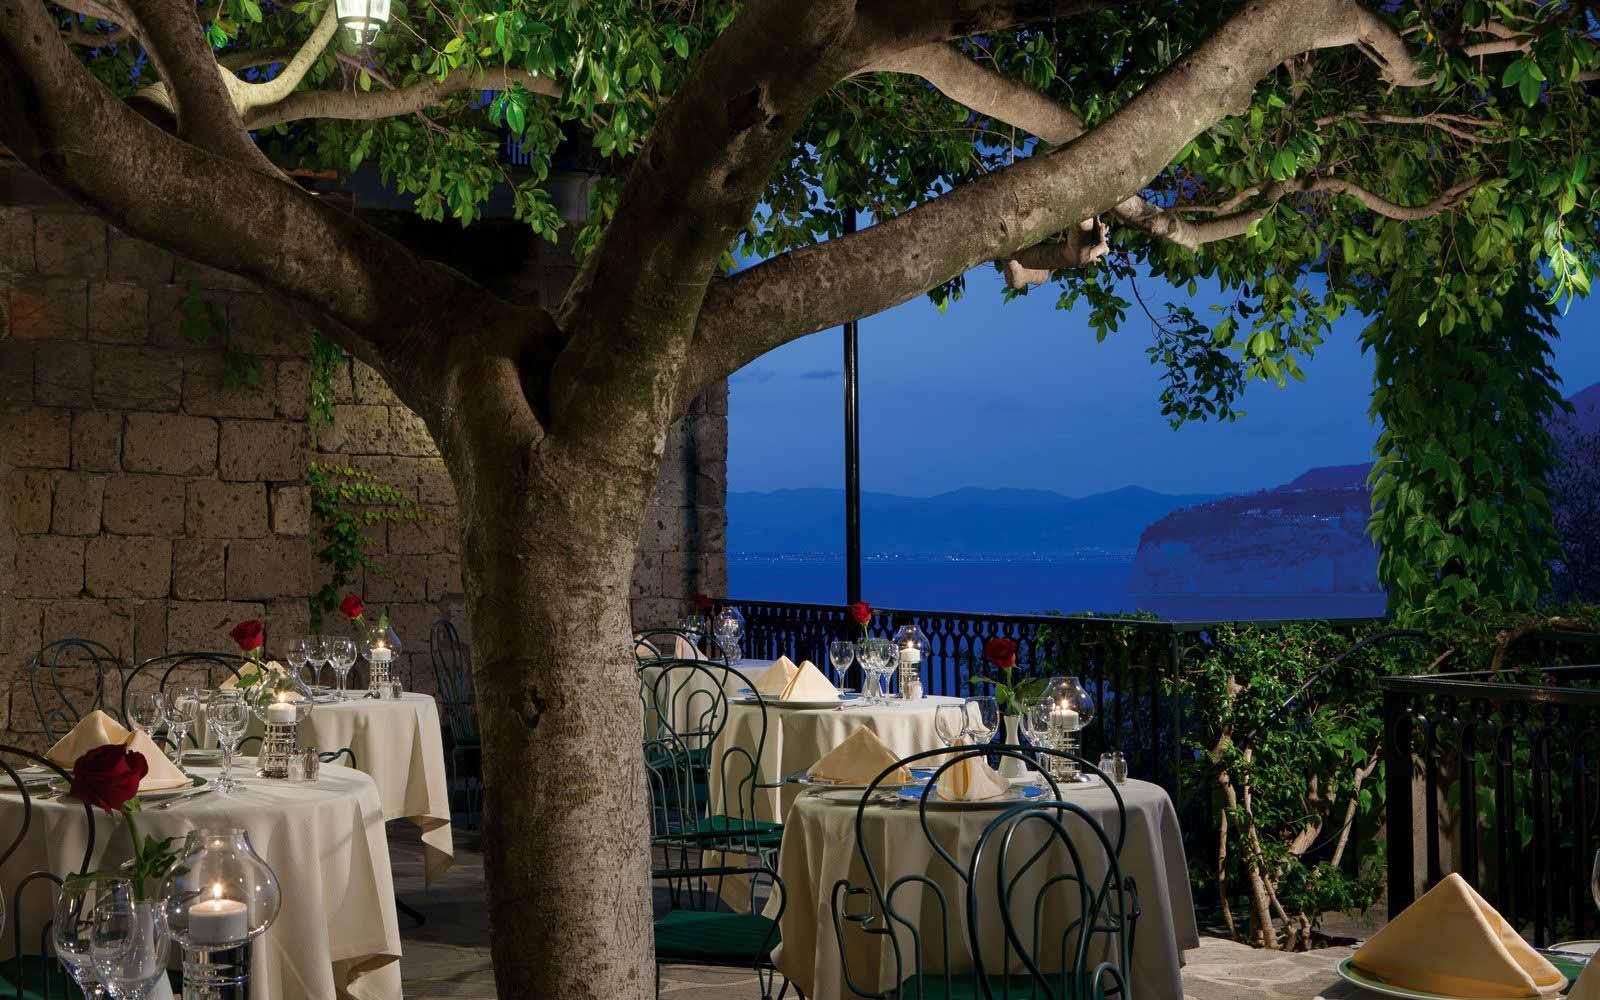 Bougainvillea Restaurant of the Grand Hotel Capodimonte at night